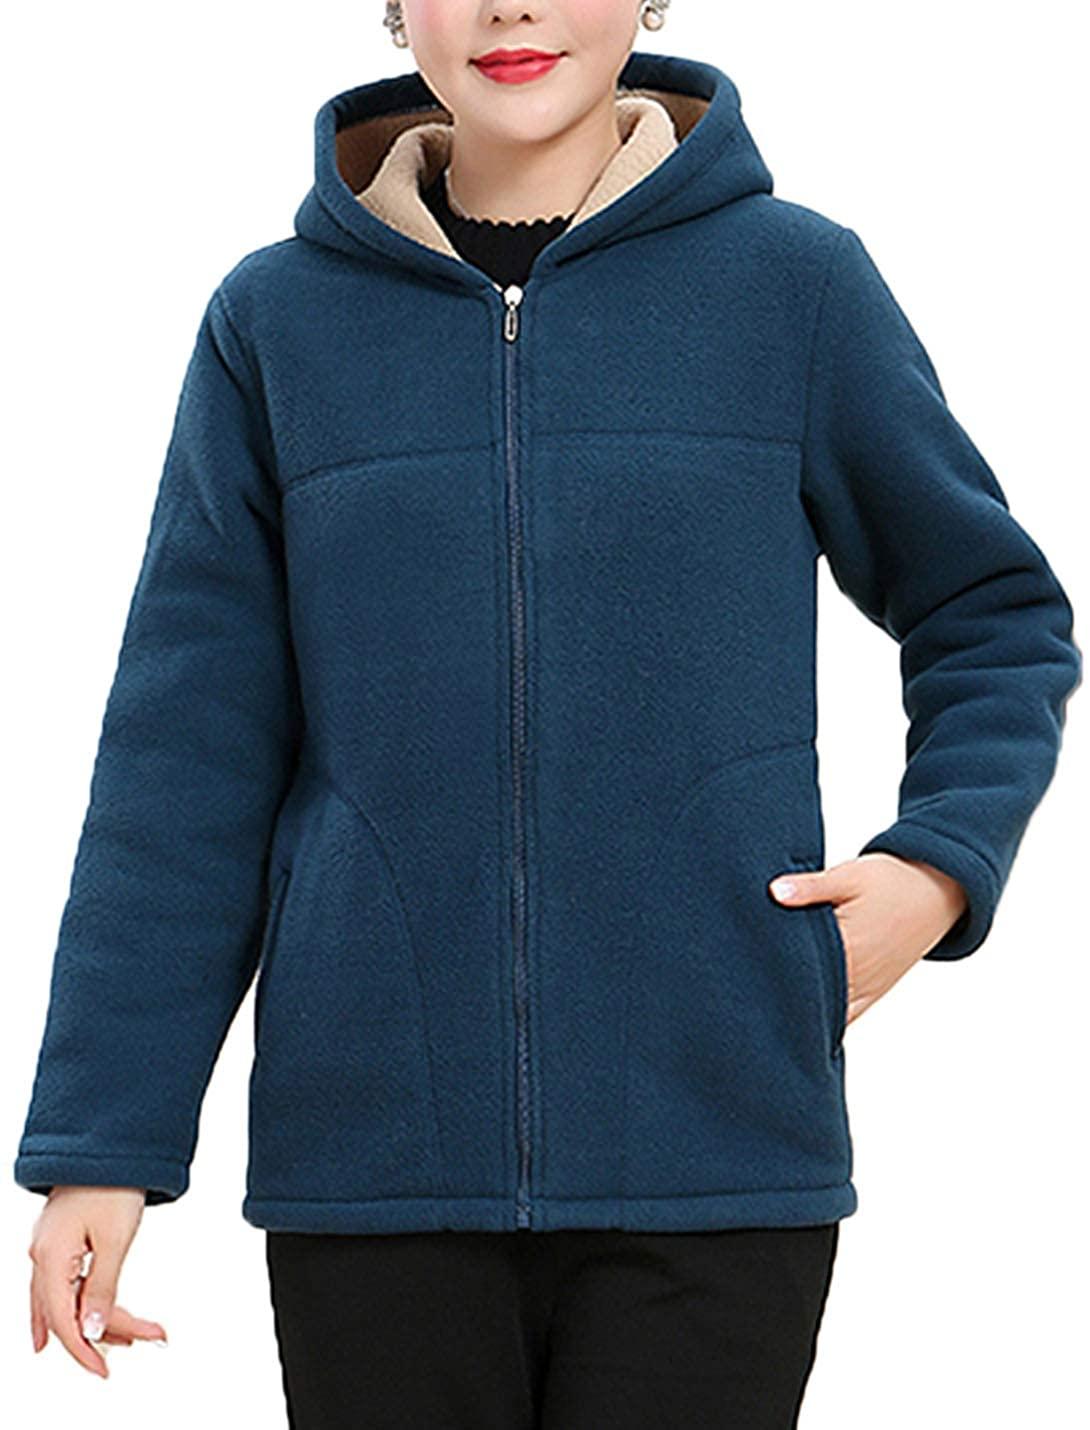 Flygo Womens Winter Warm Zip Up Hoodie Sweatshirt Fleece Jacket Coat